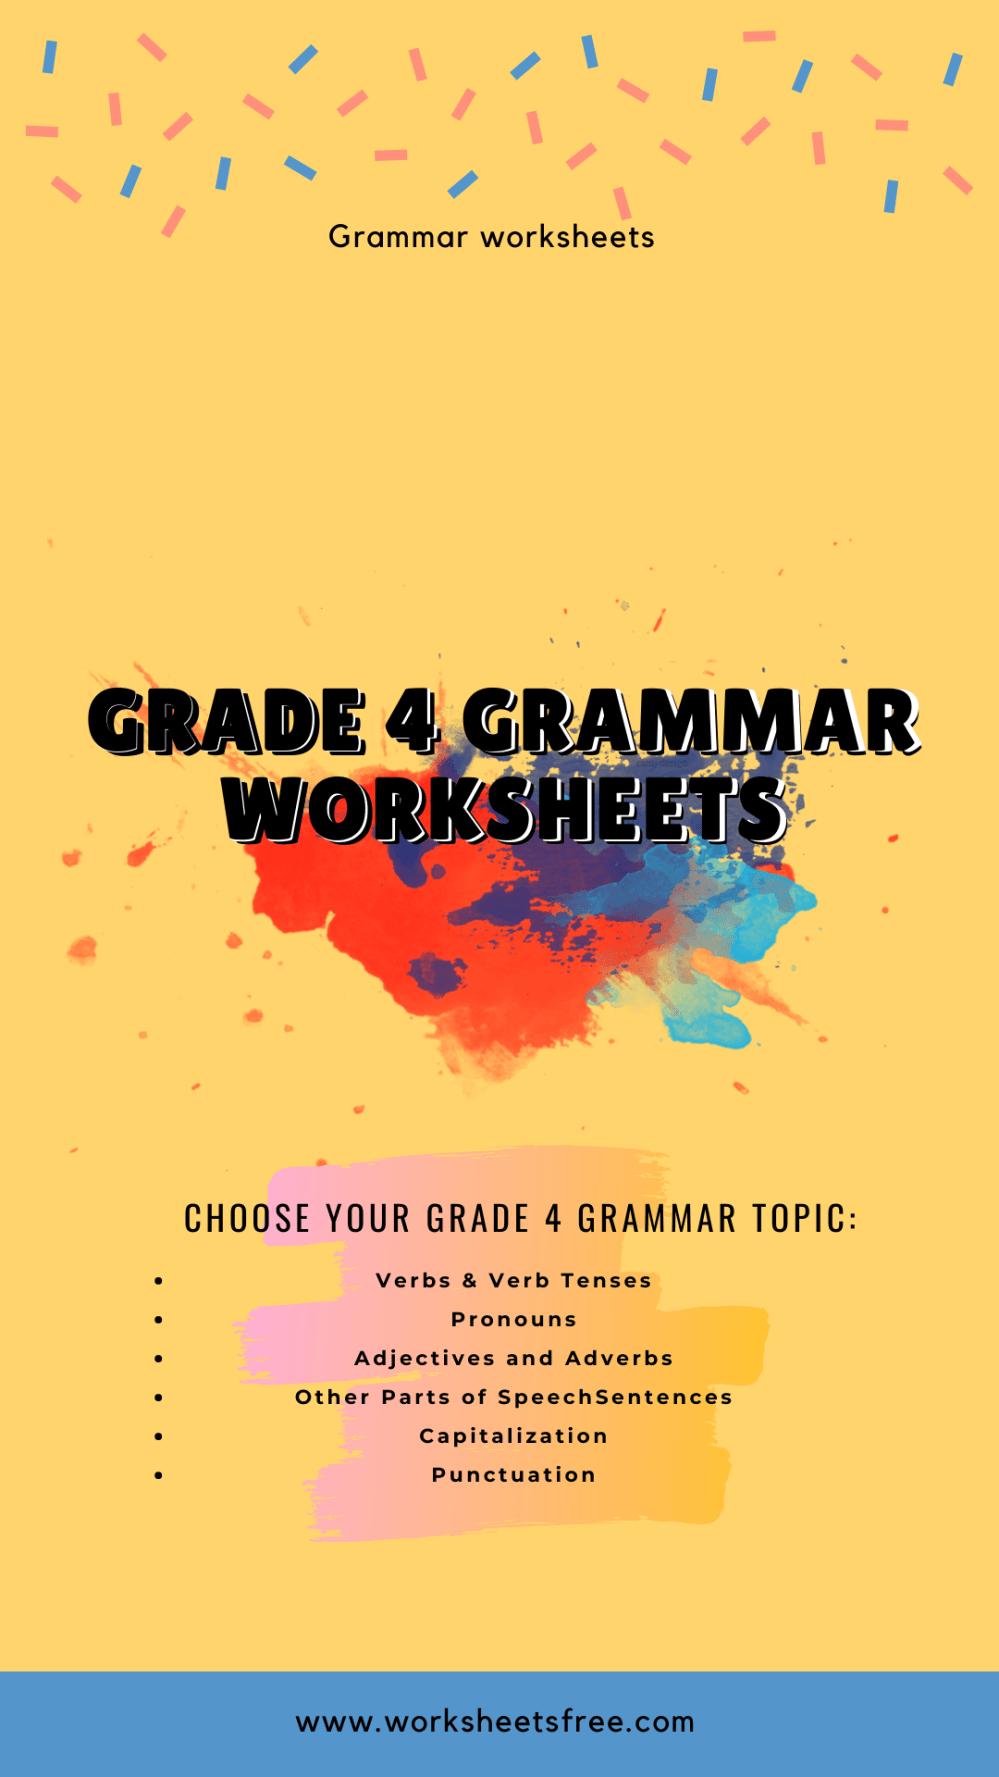 medium resolution of Grade 4 grammar worksheets   Worksheets Free